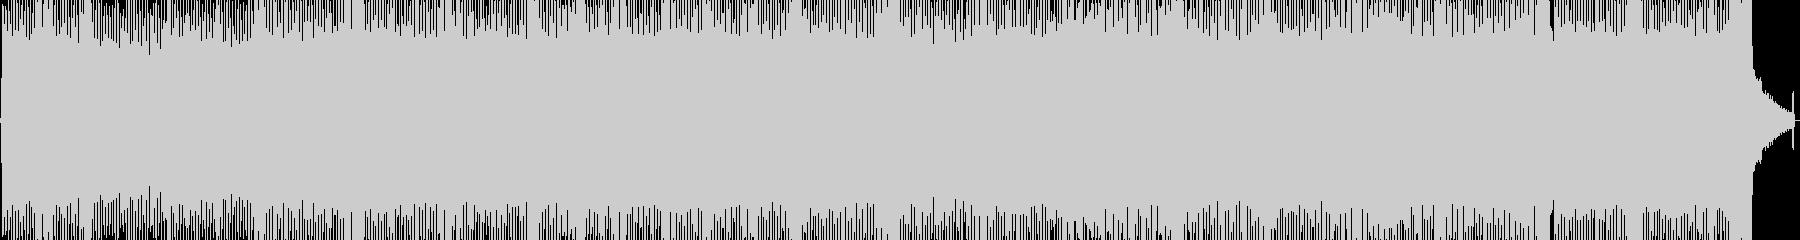 別れと旅立ちの壮大なデジタルロックの未再生の波形